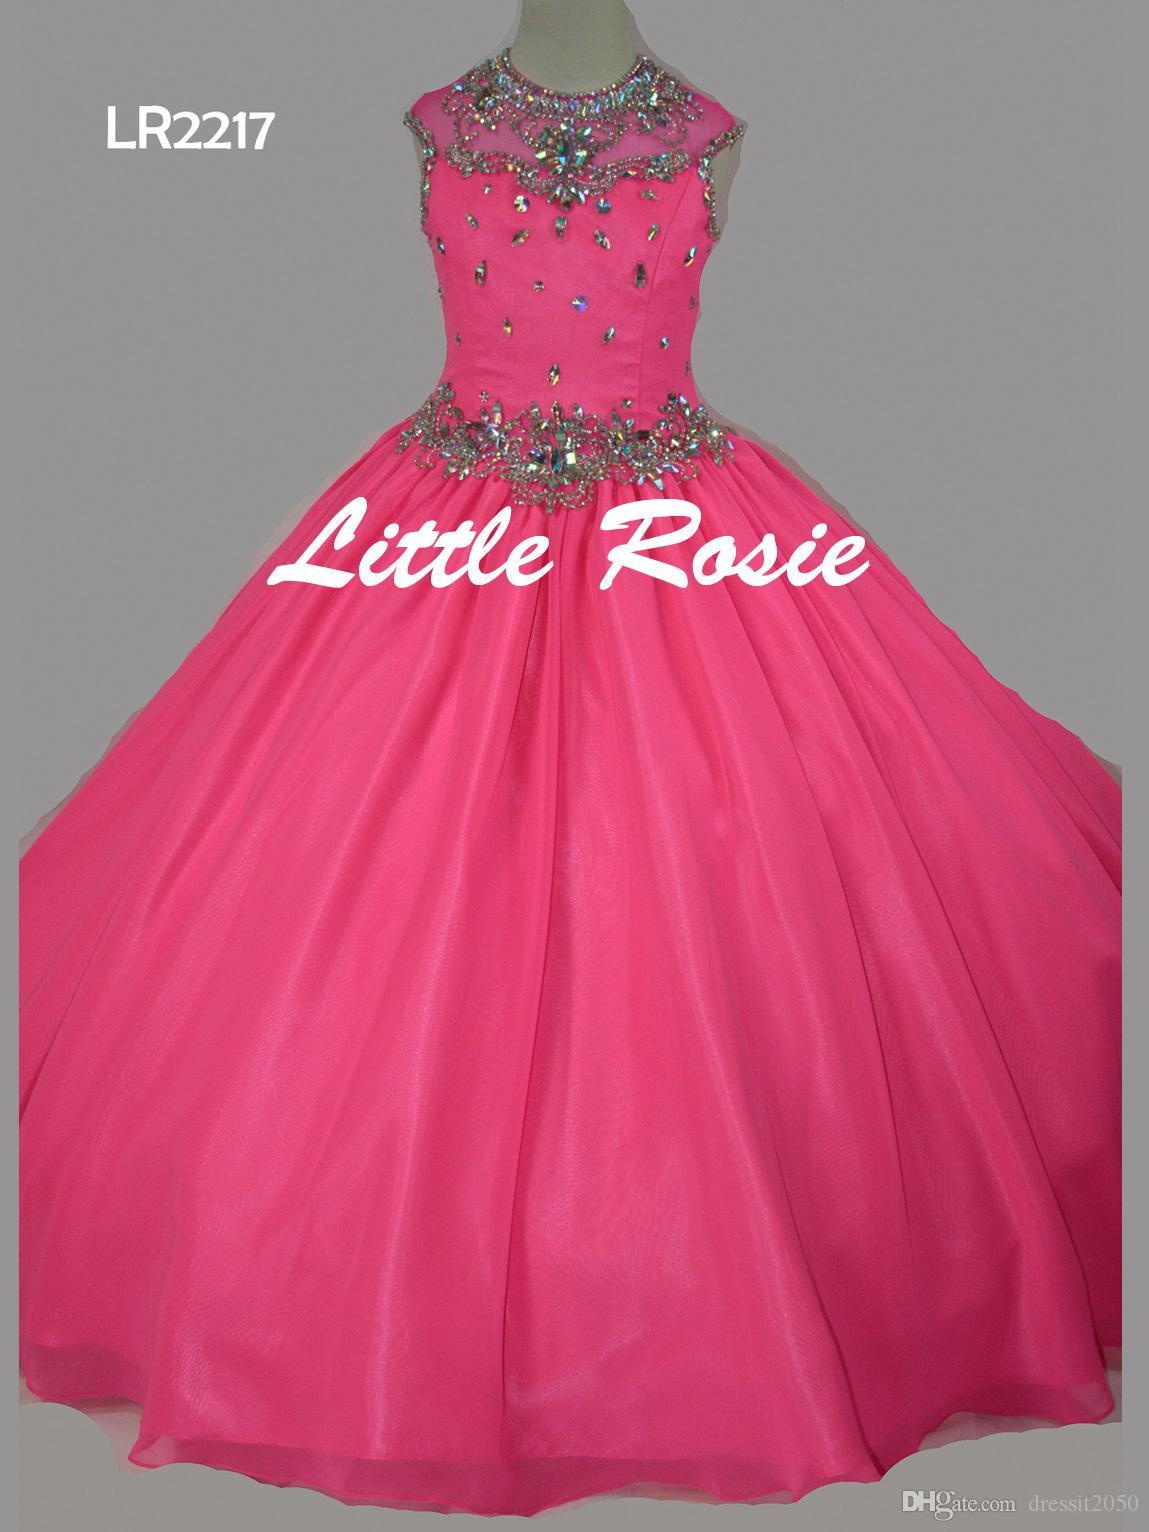 뷰티 자홍색 화이트 옐로우 시폰 구슬 플라워 걸 드레스 소녀 옷차림 드레스 휴일 / 생일 드레스 / 스커트 커스텀 사이즈 2-14 DF710322